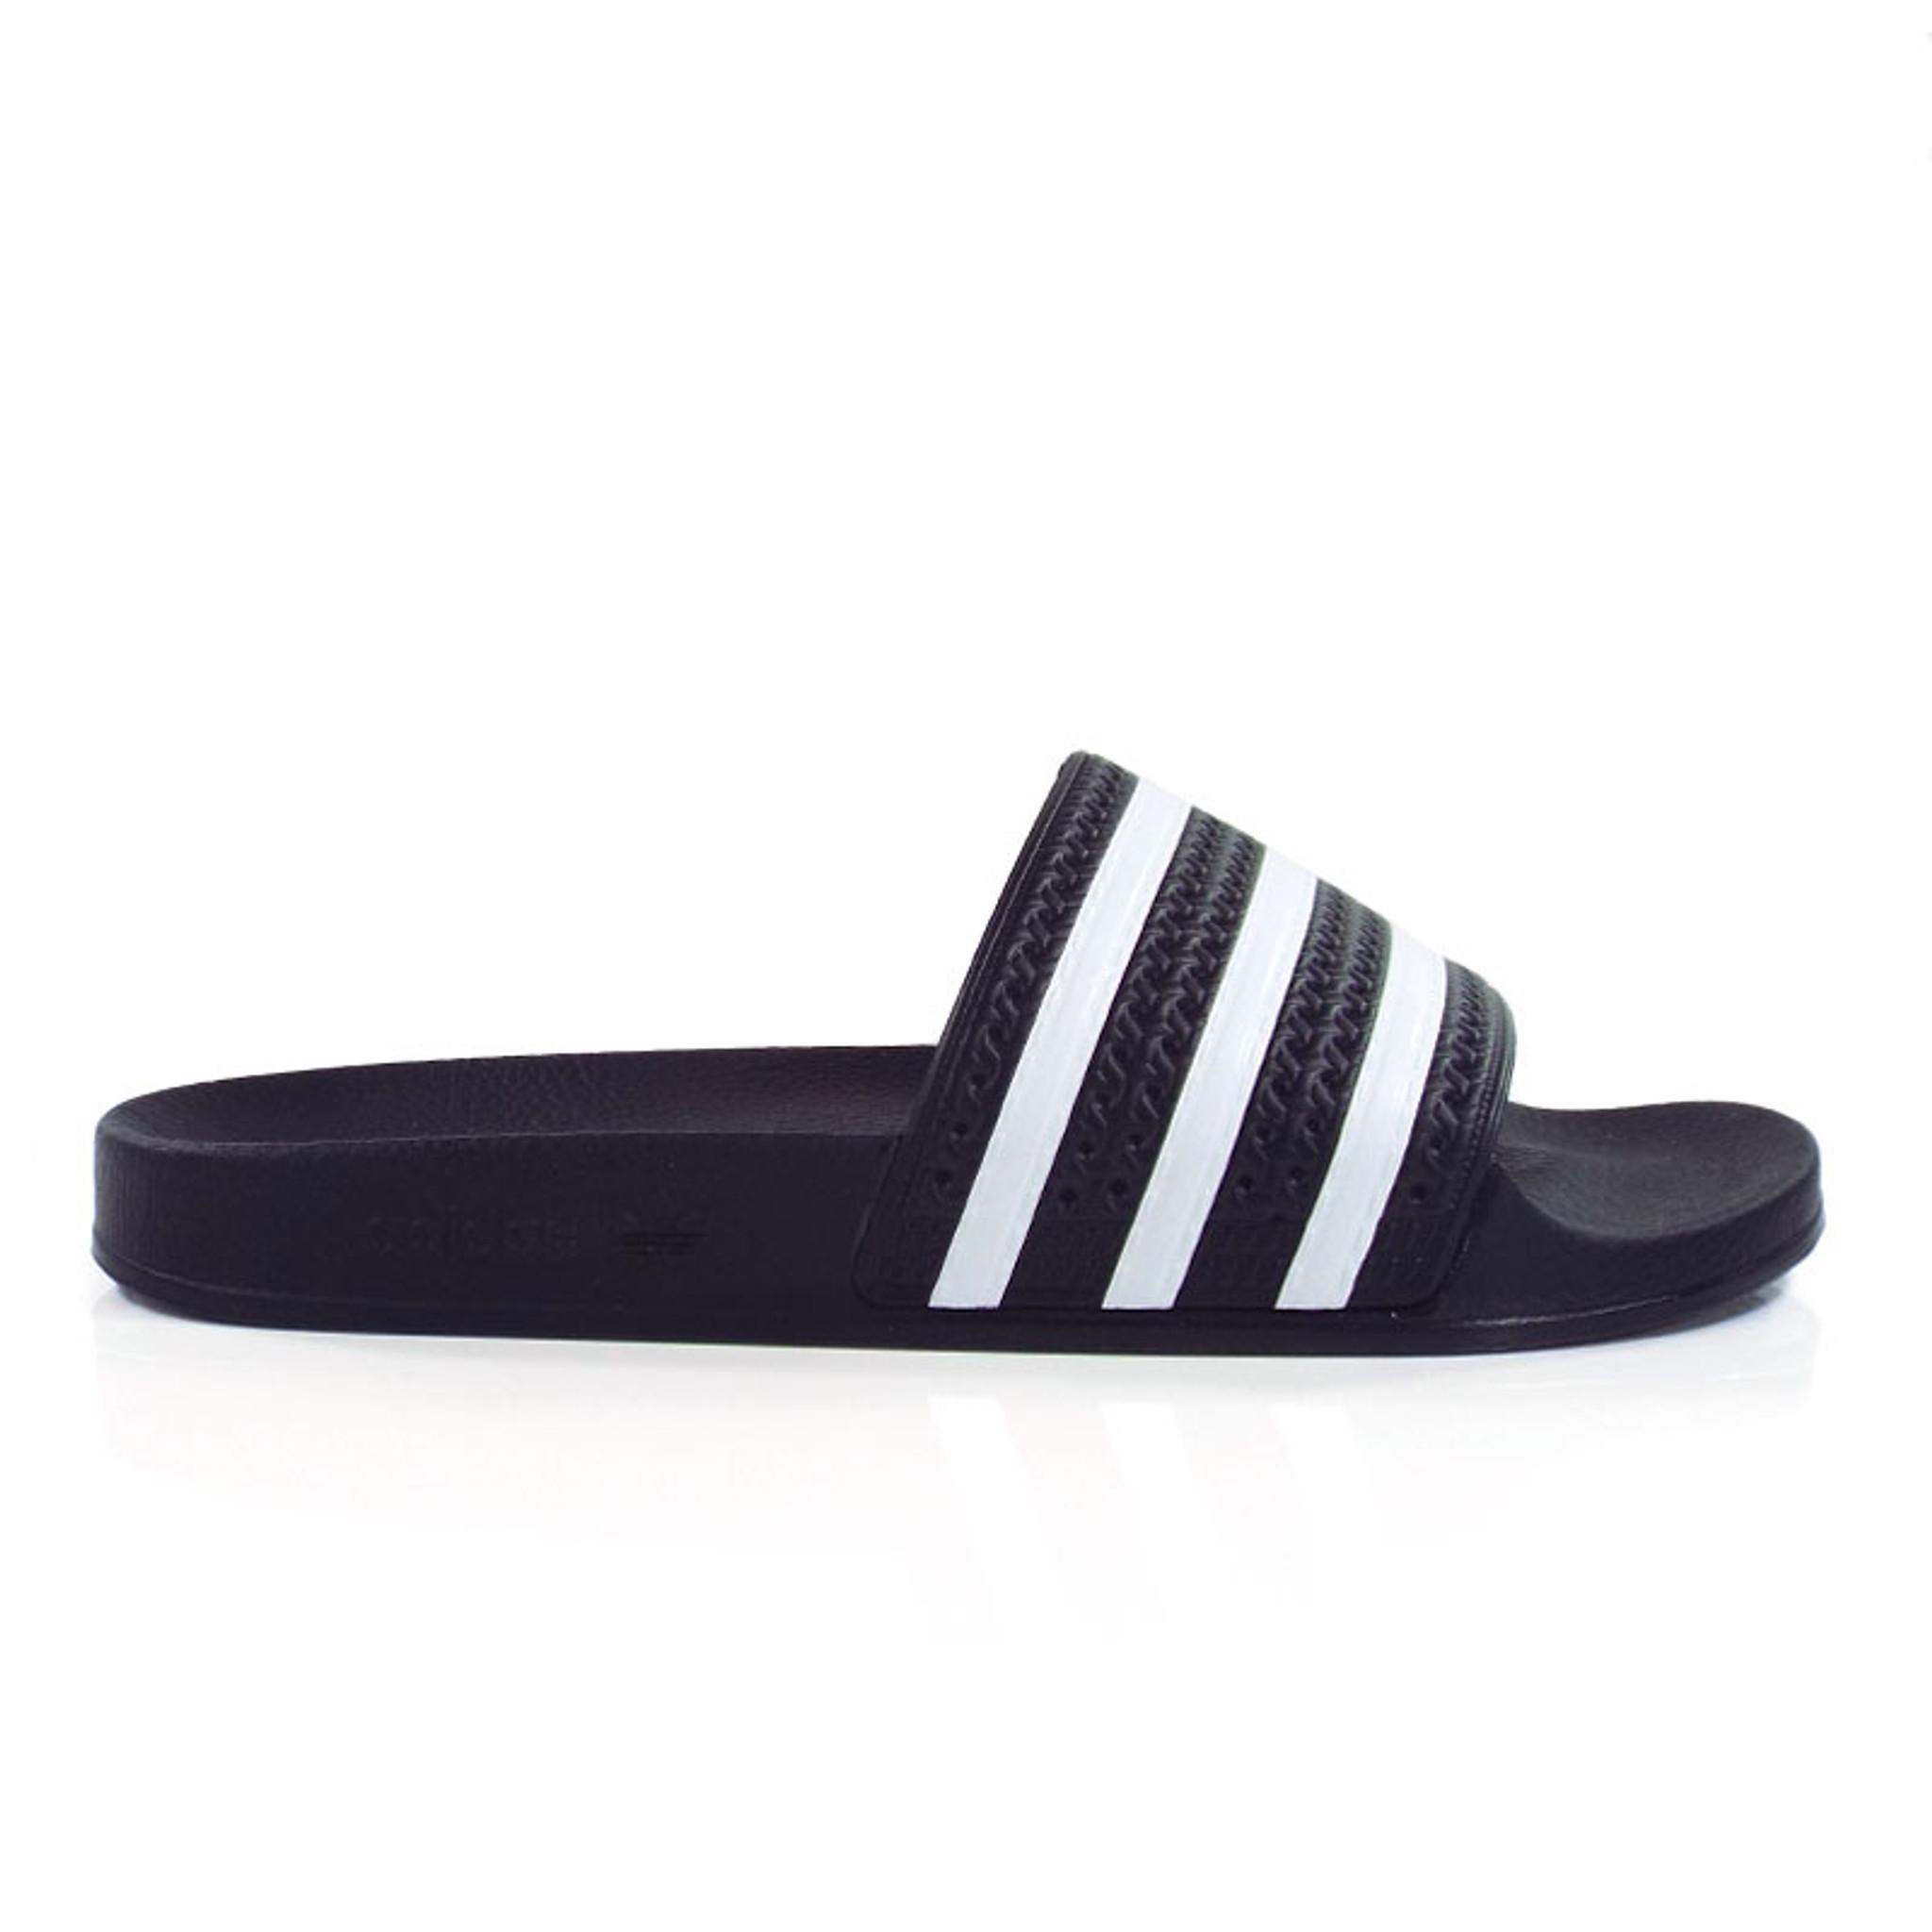 10178b8fa0849 Adidas Originals Adilette Slides - Black White - Detroit City ...